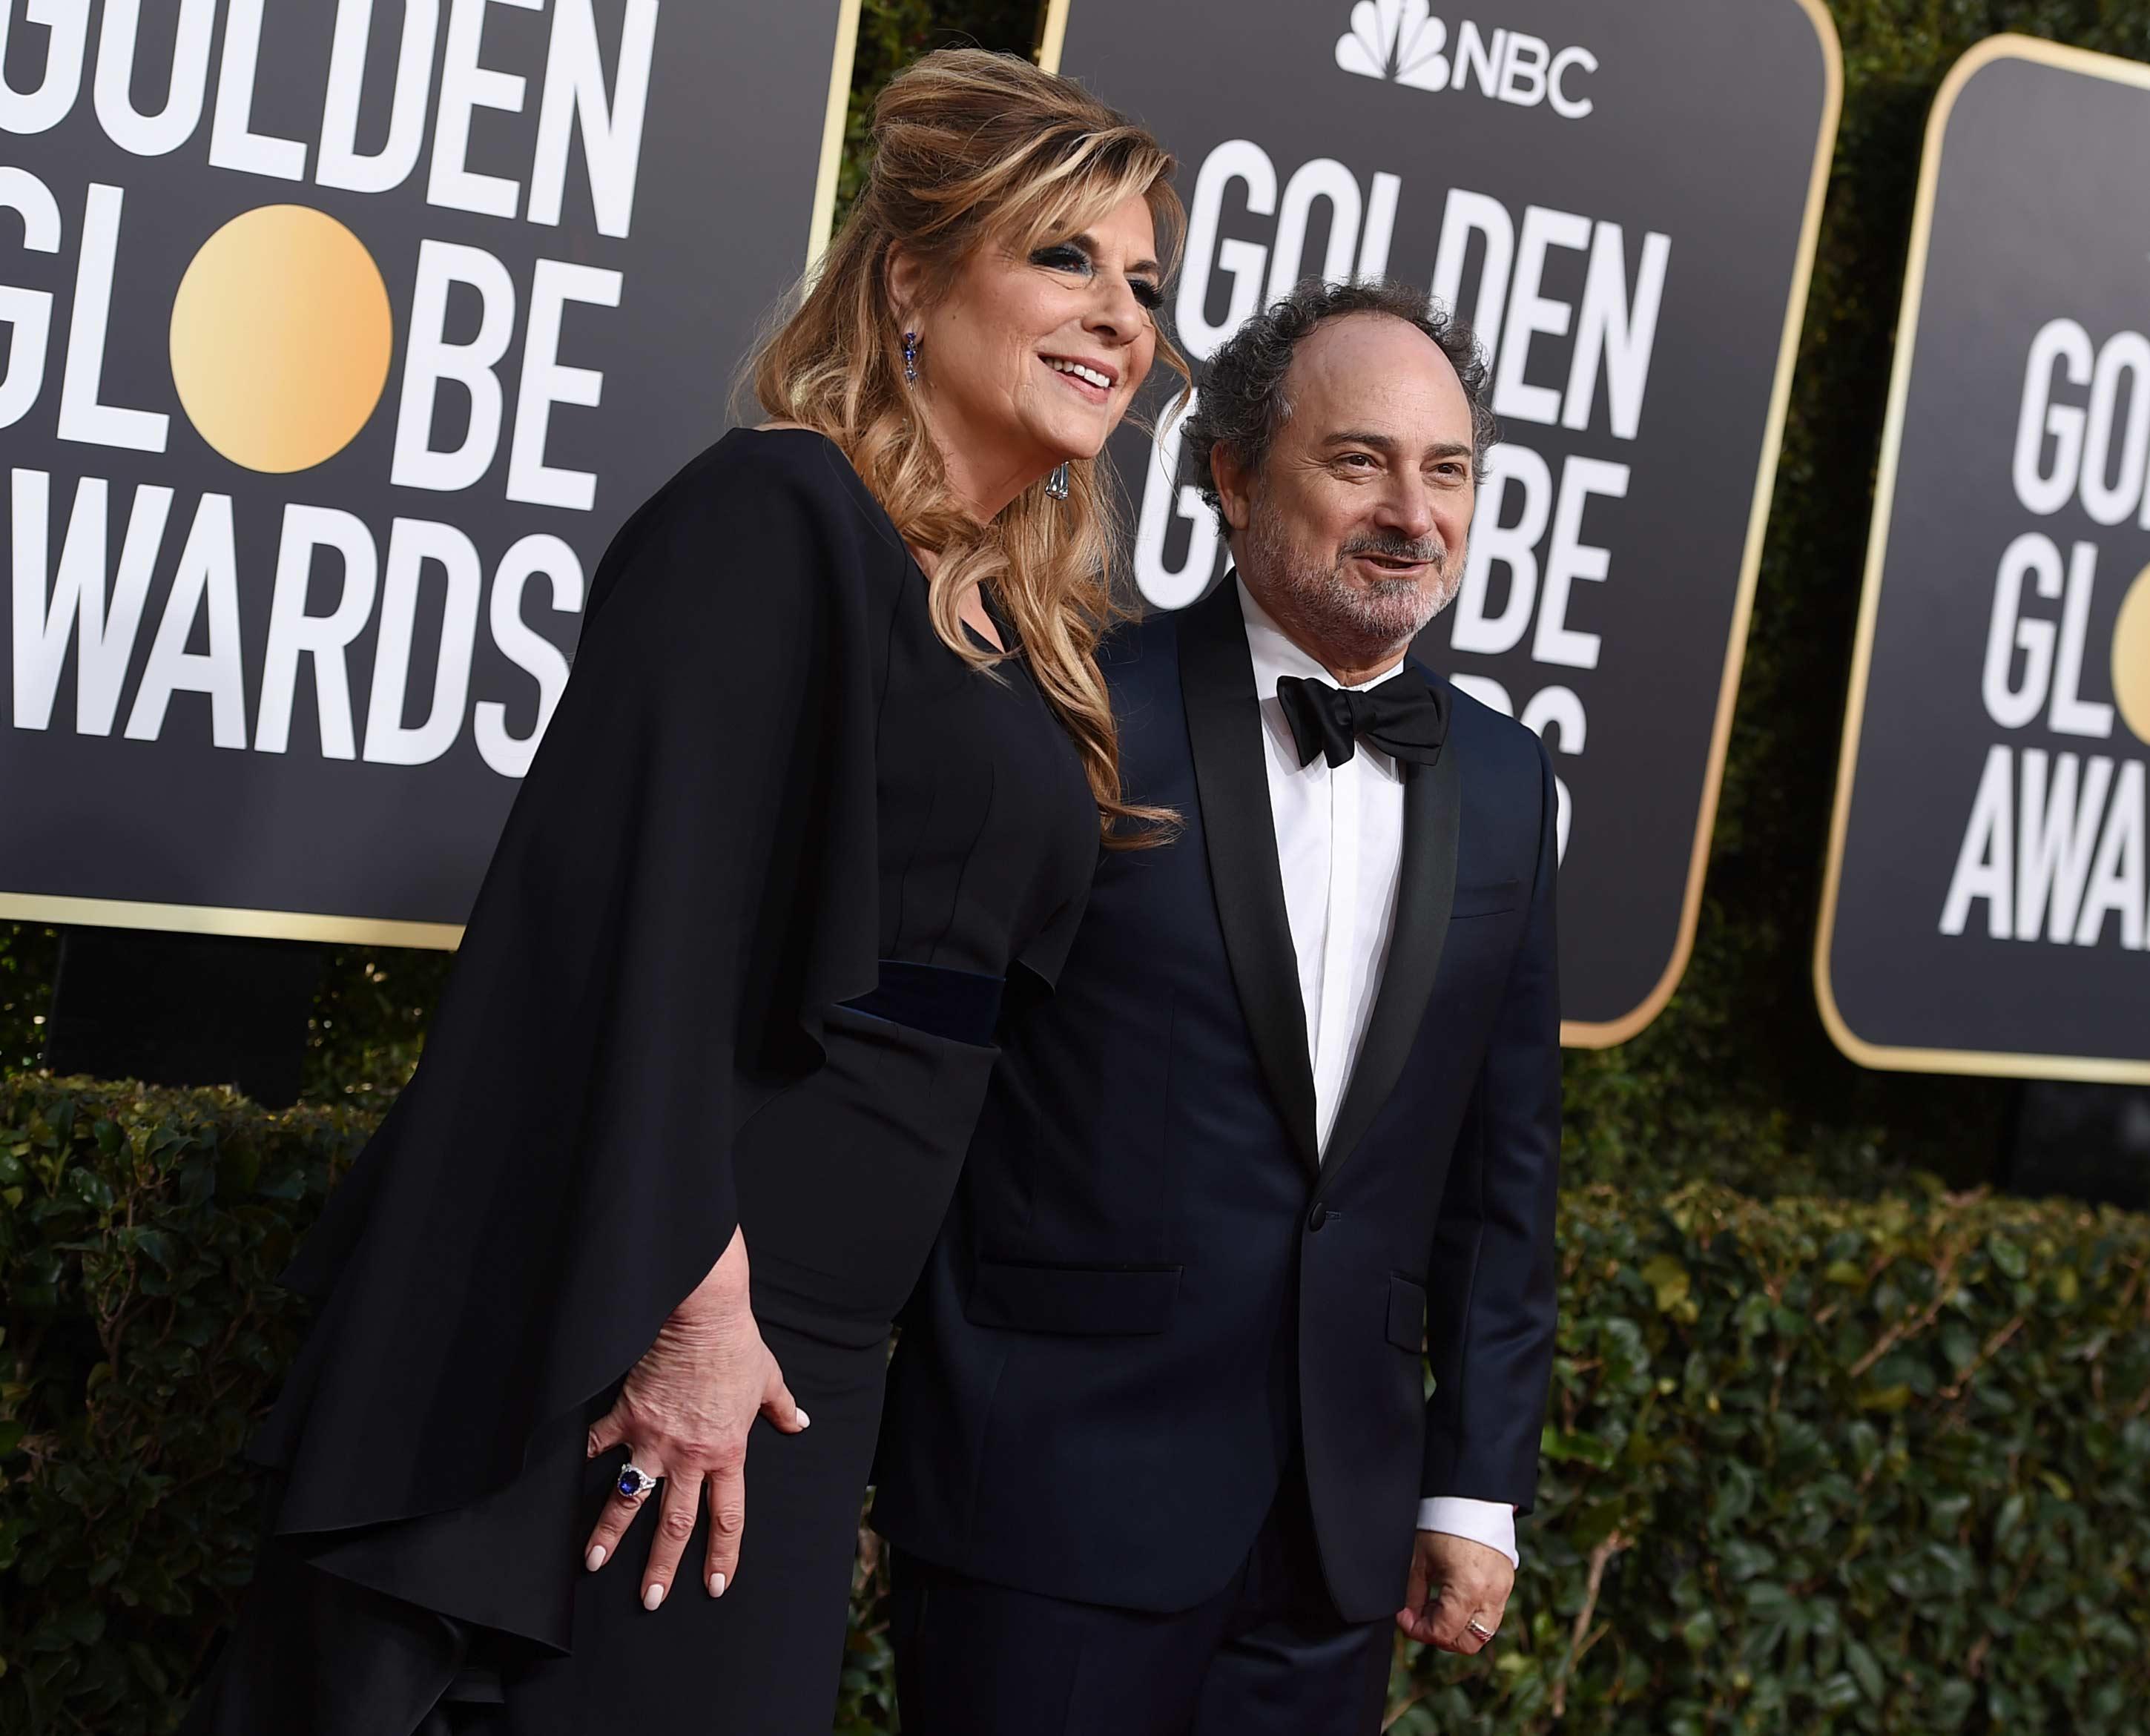 La productora y actriz estadounidense Caroline Aaron junto al comediante Kevin Pollak en los Golden Globe 2019. (Foto: AP)